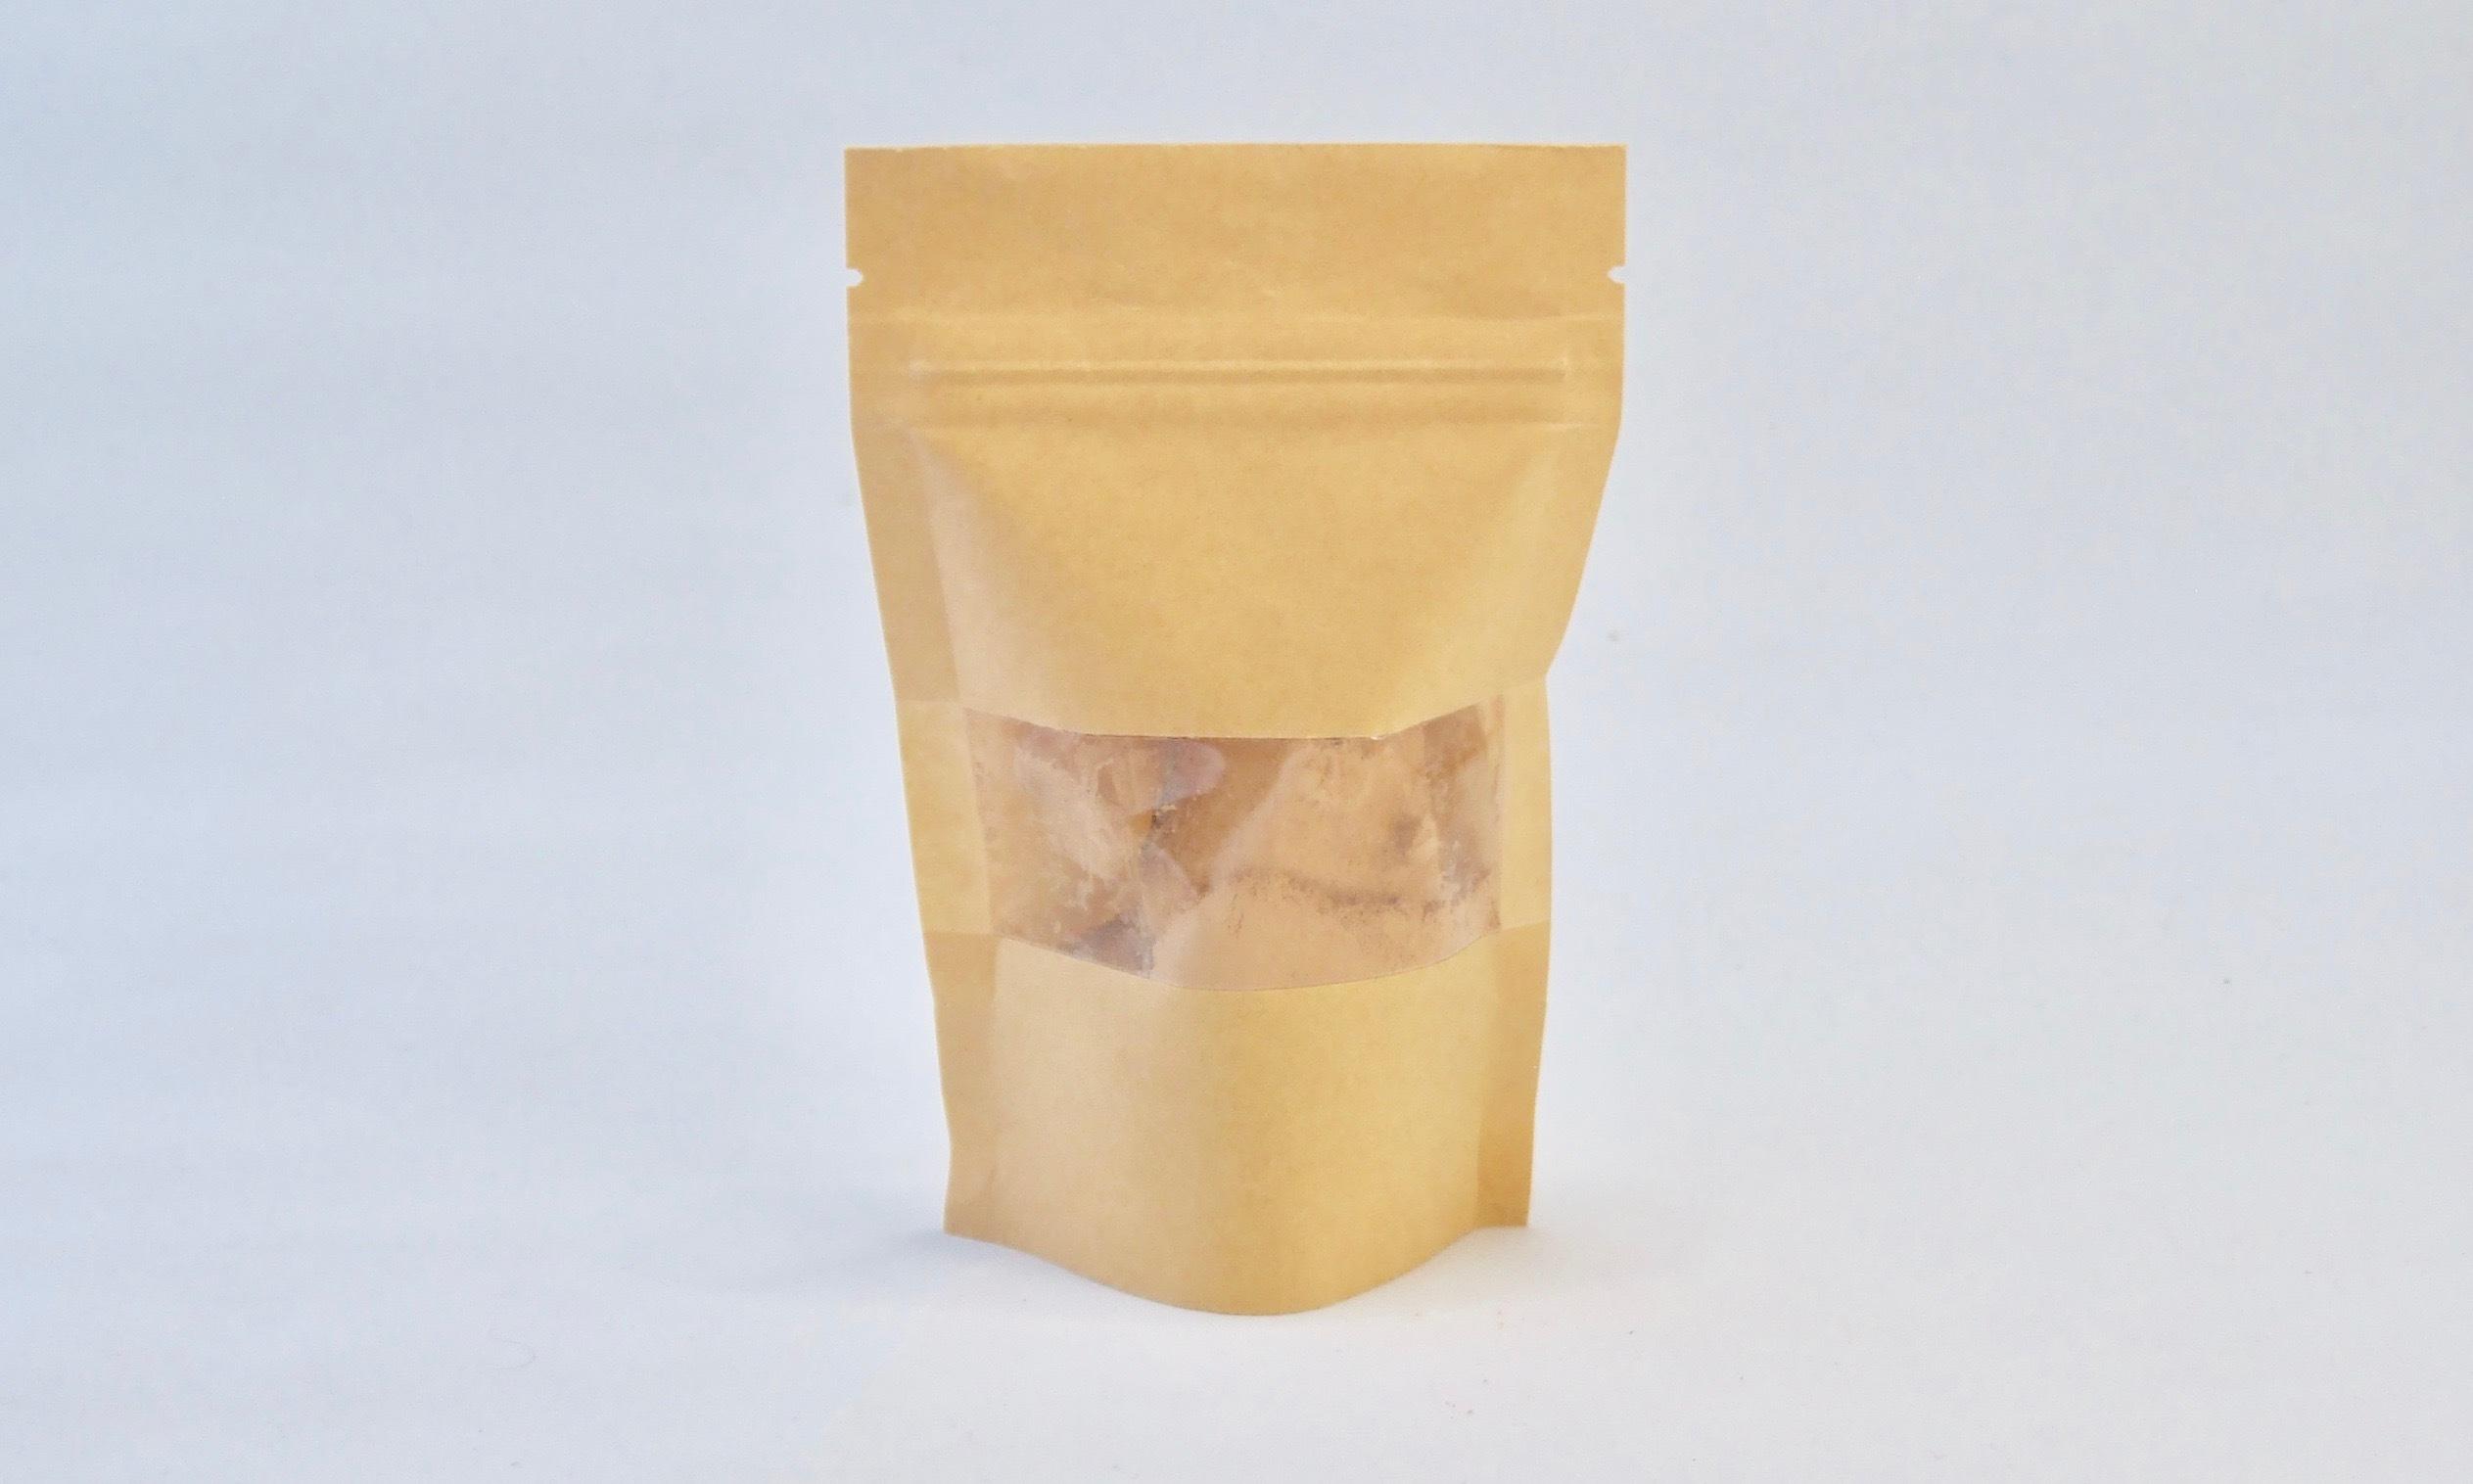 砥の粉(金継ぎ材料) / Tonoko powder for kintsugi work